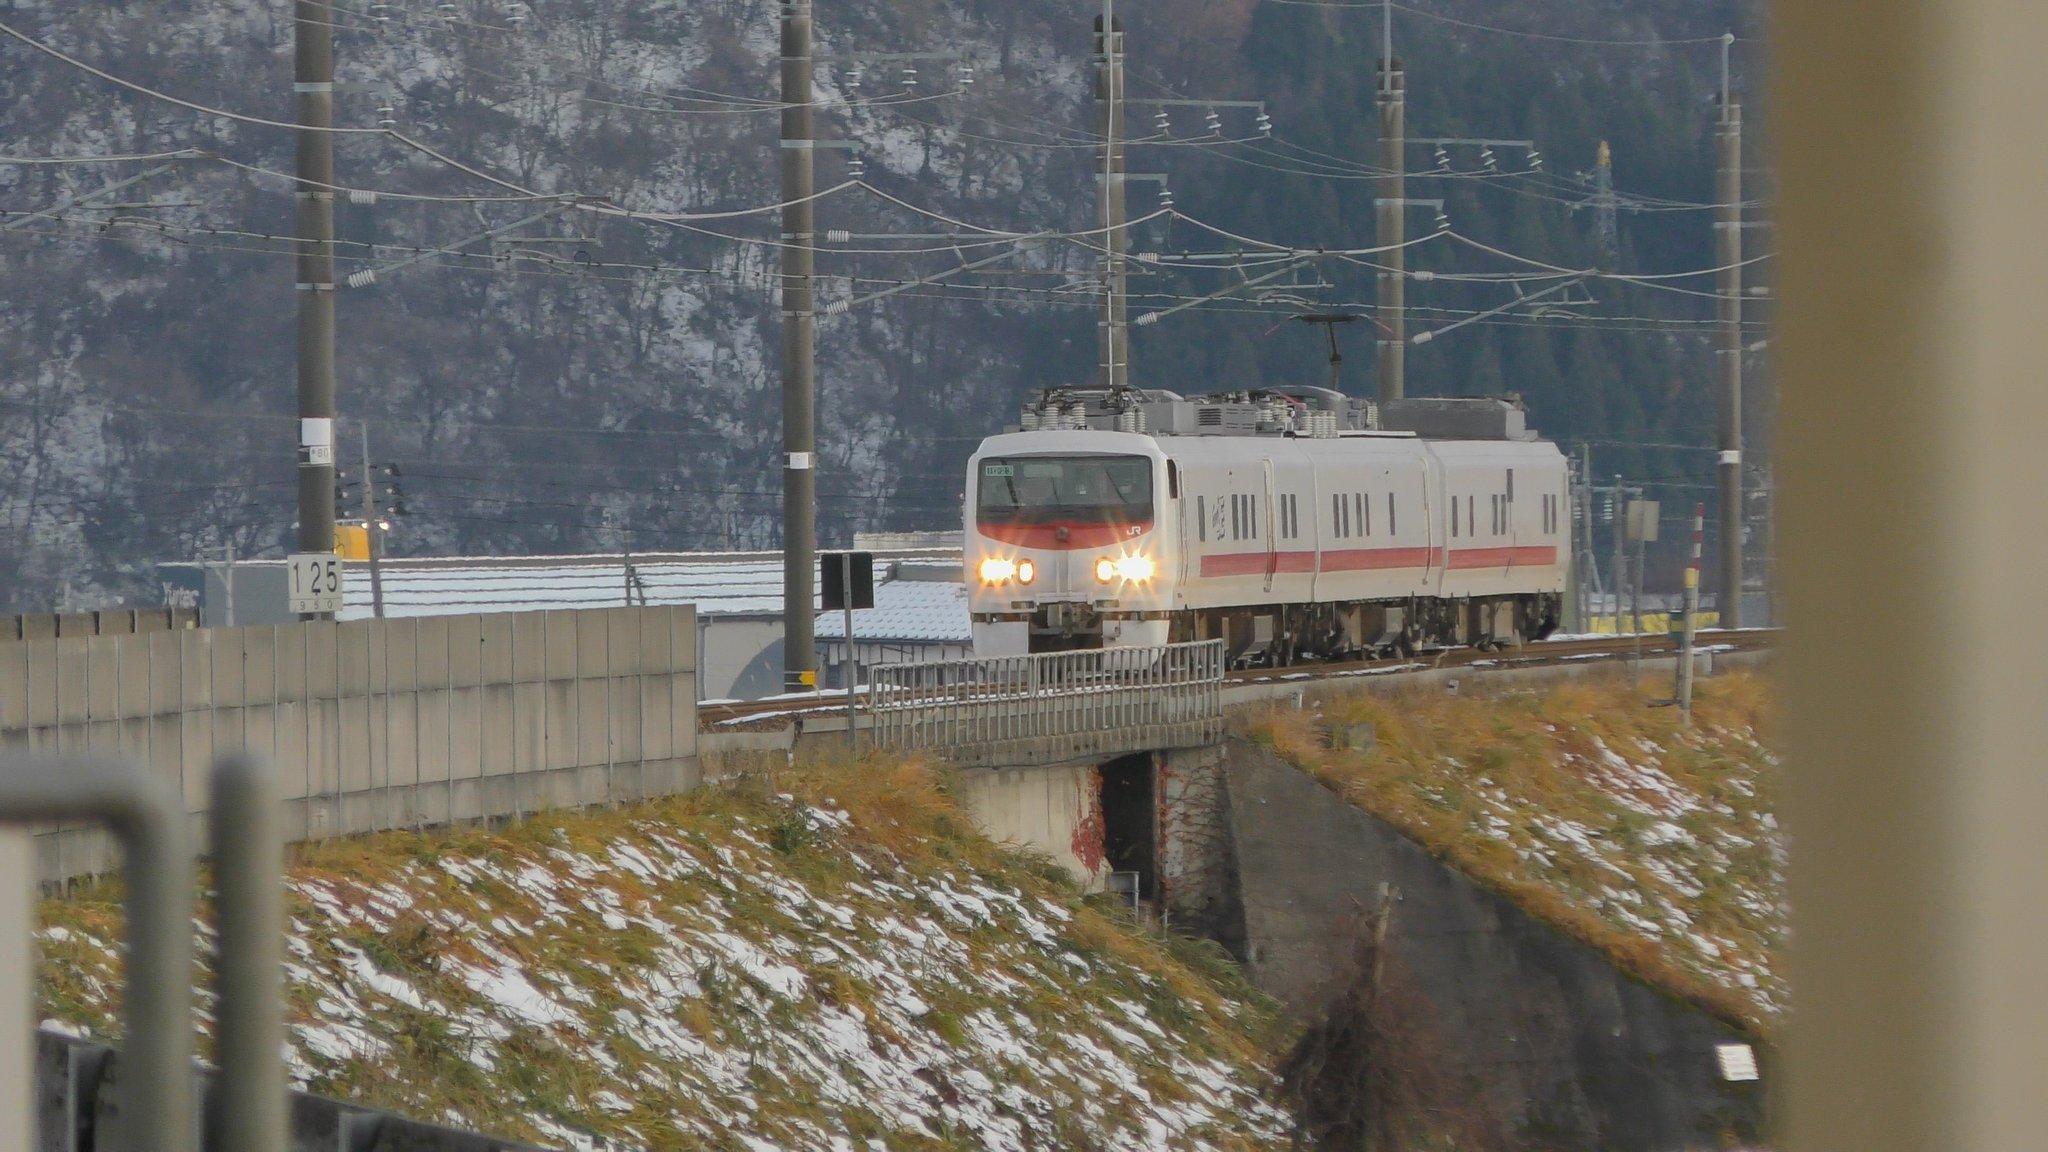 イーストアイ(East i-E)E491系北越急行ほくほく線とえちごトキめき鉄道を検測しながら走行